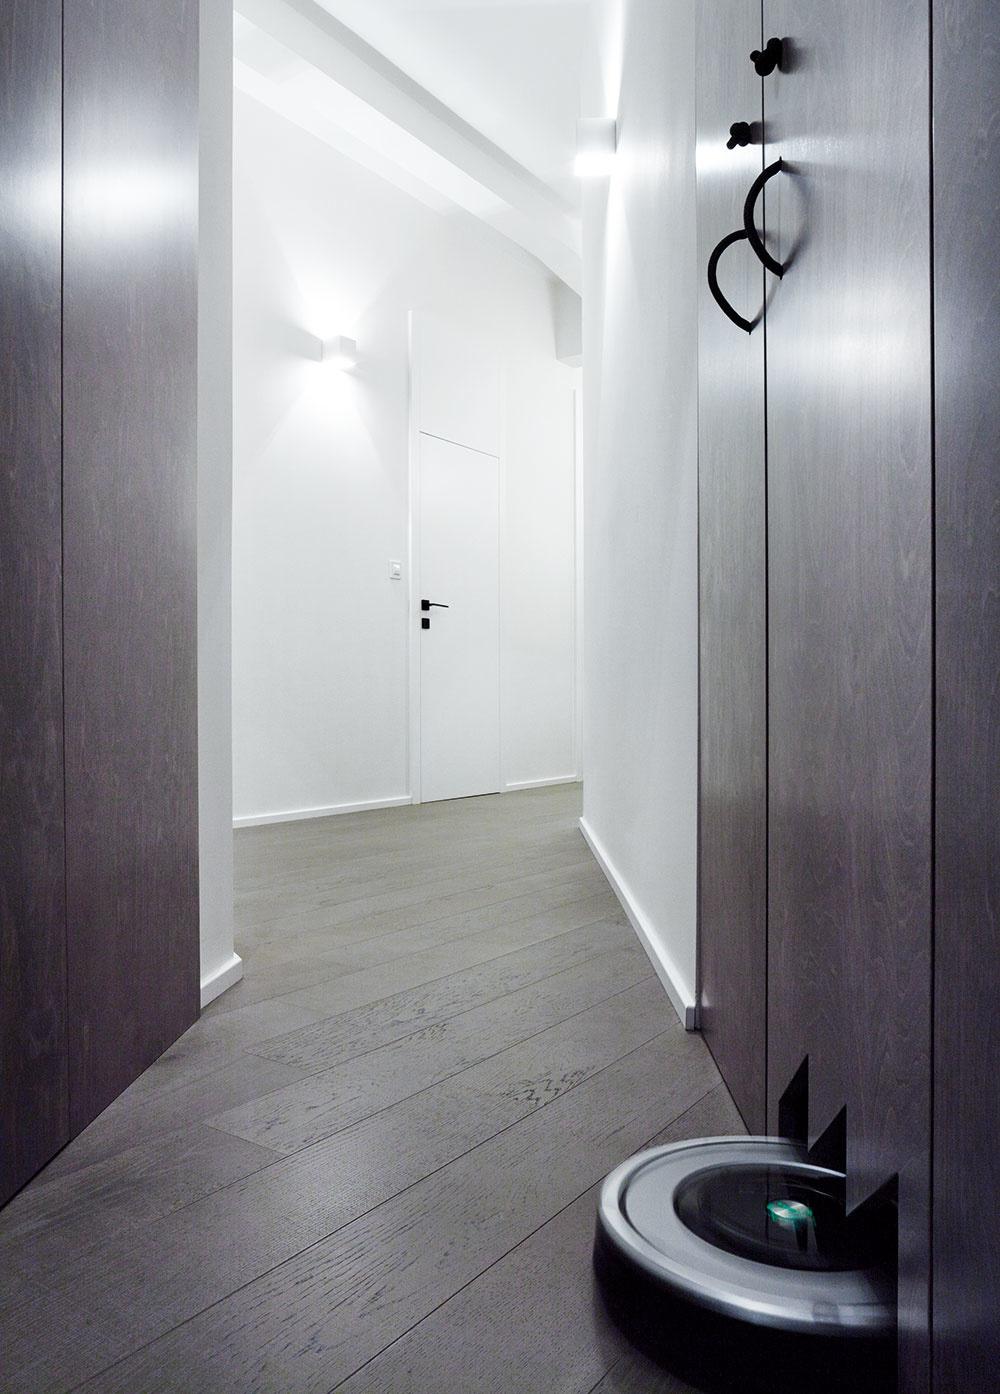 Vyriešenie úložných priestorov, ktoré boli vpôvodnej dispozícii nedostatočné, bolo jednou zúloh pre architektku zo štúdia SMLXL.